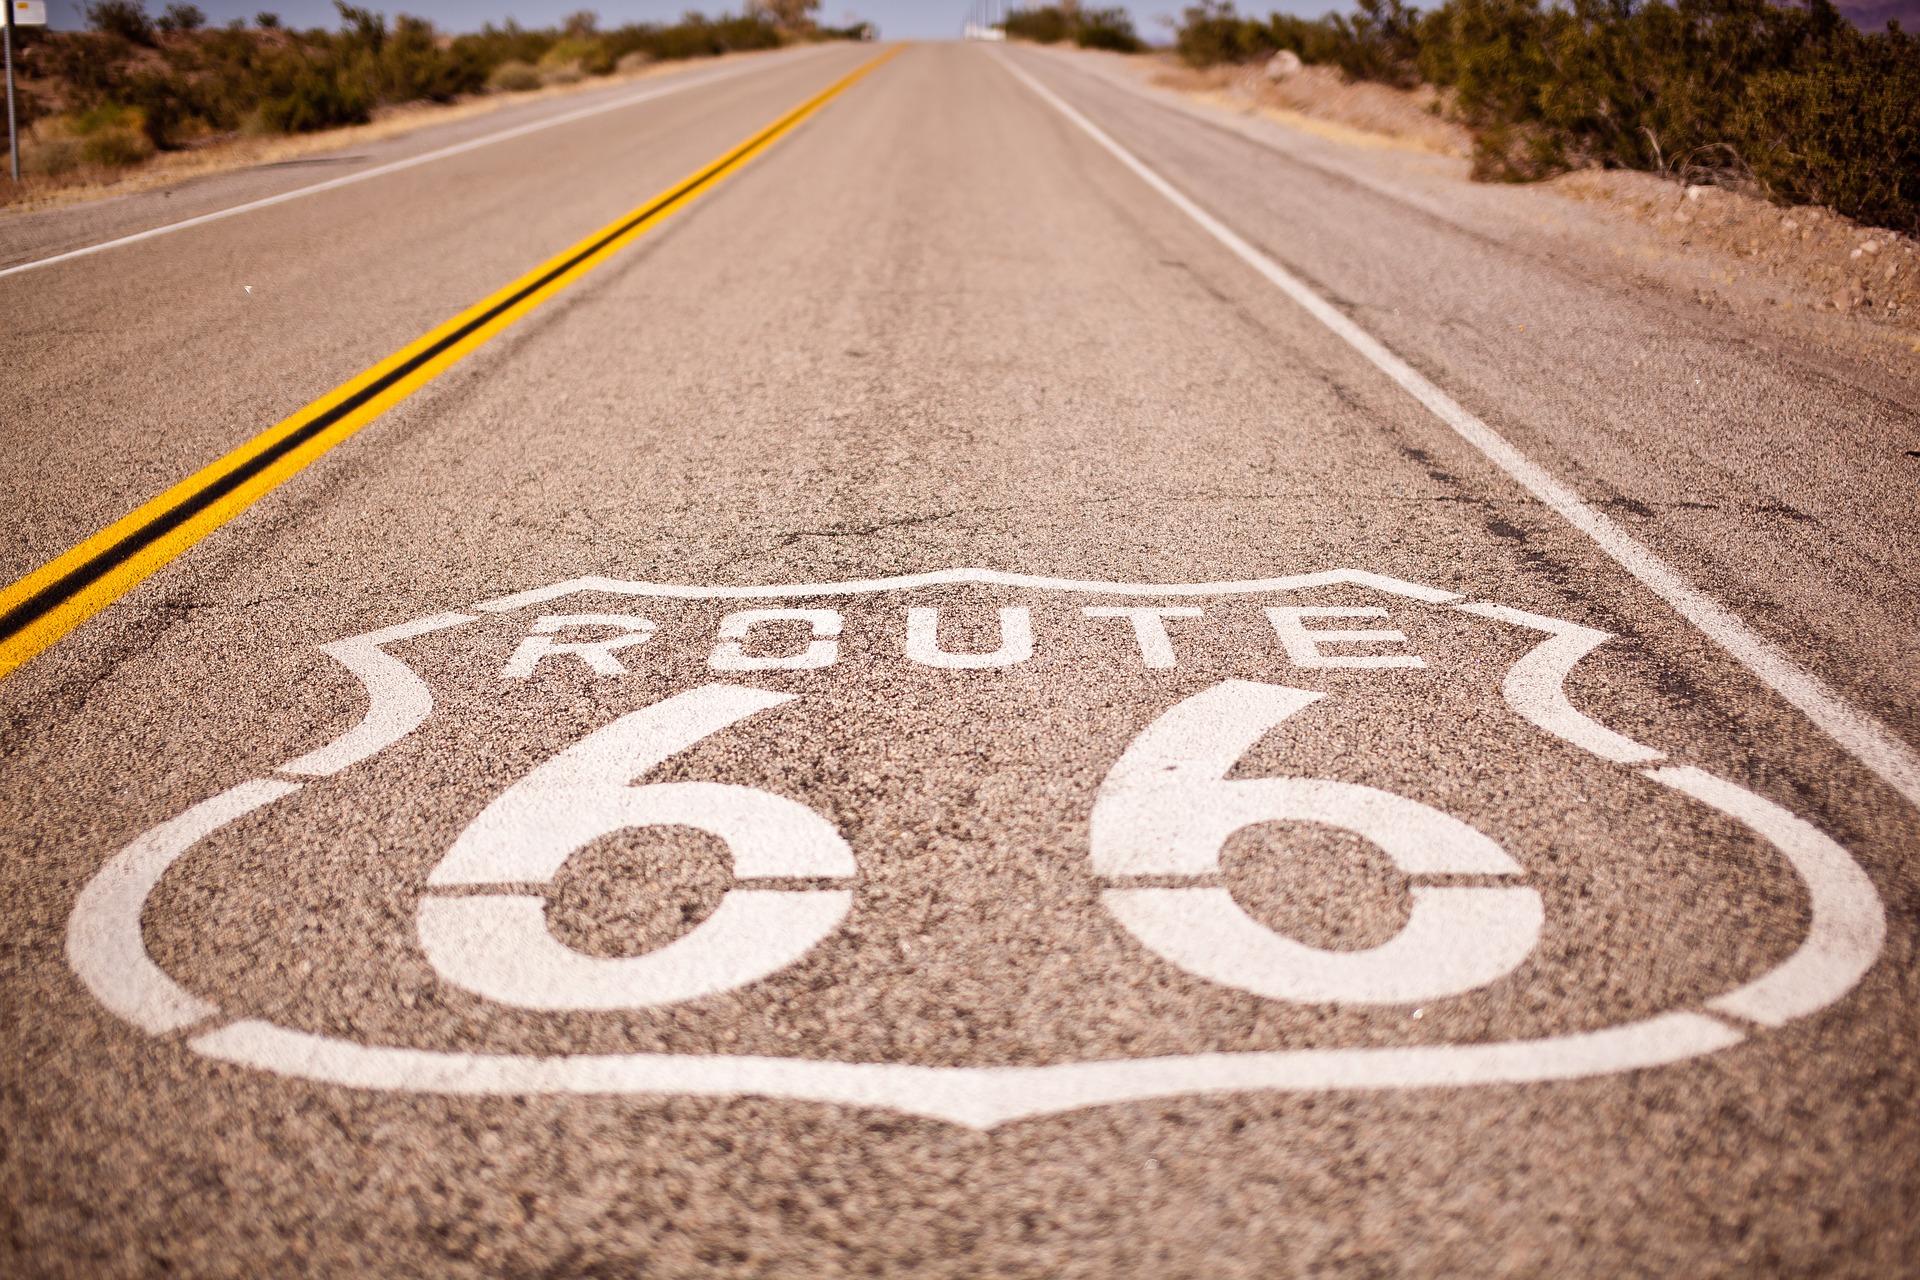 Mit dem Mietwagen die Route 66 durchfahren lassen Sie den Kindheitstraum war werden